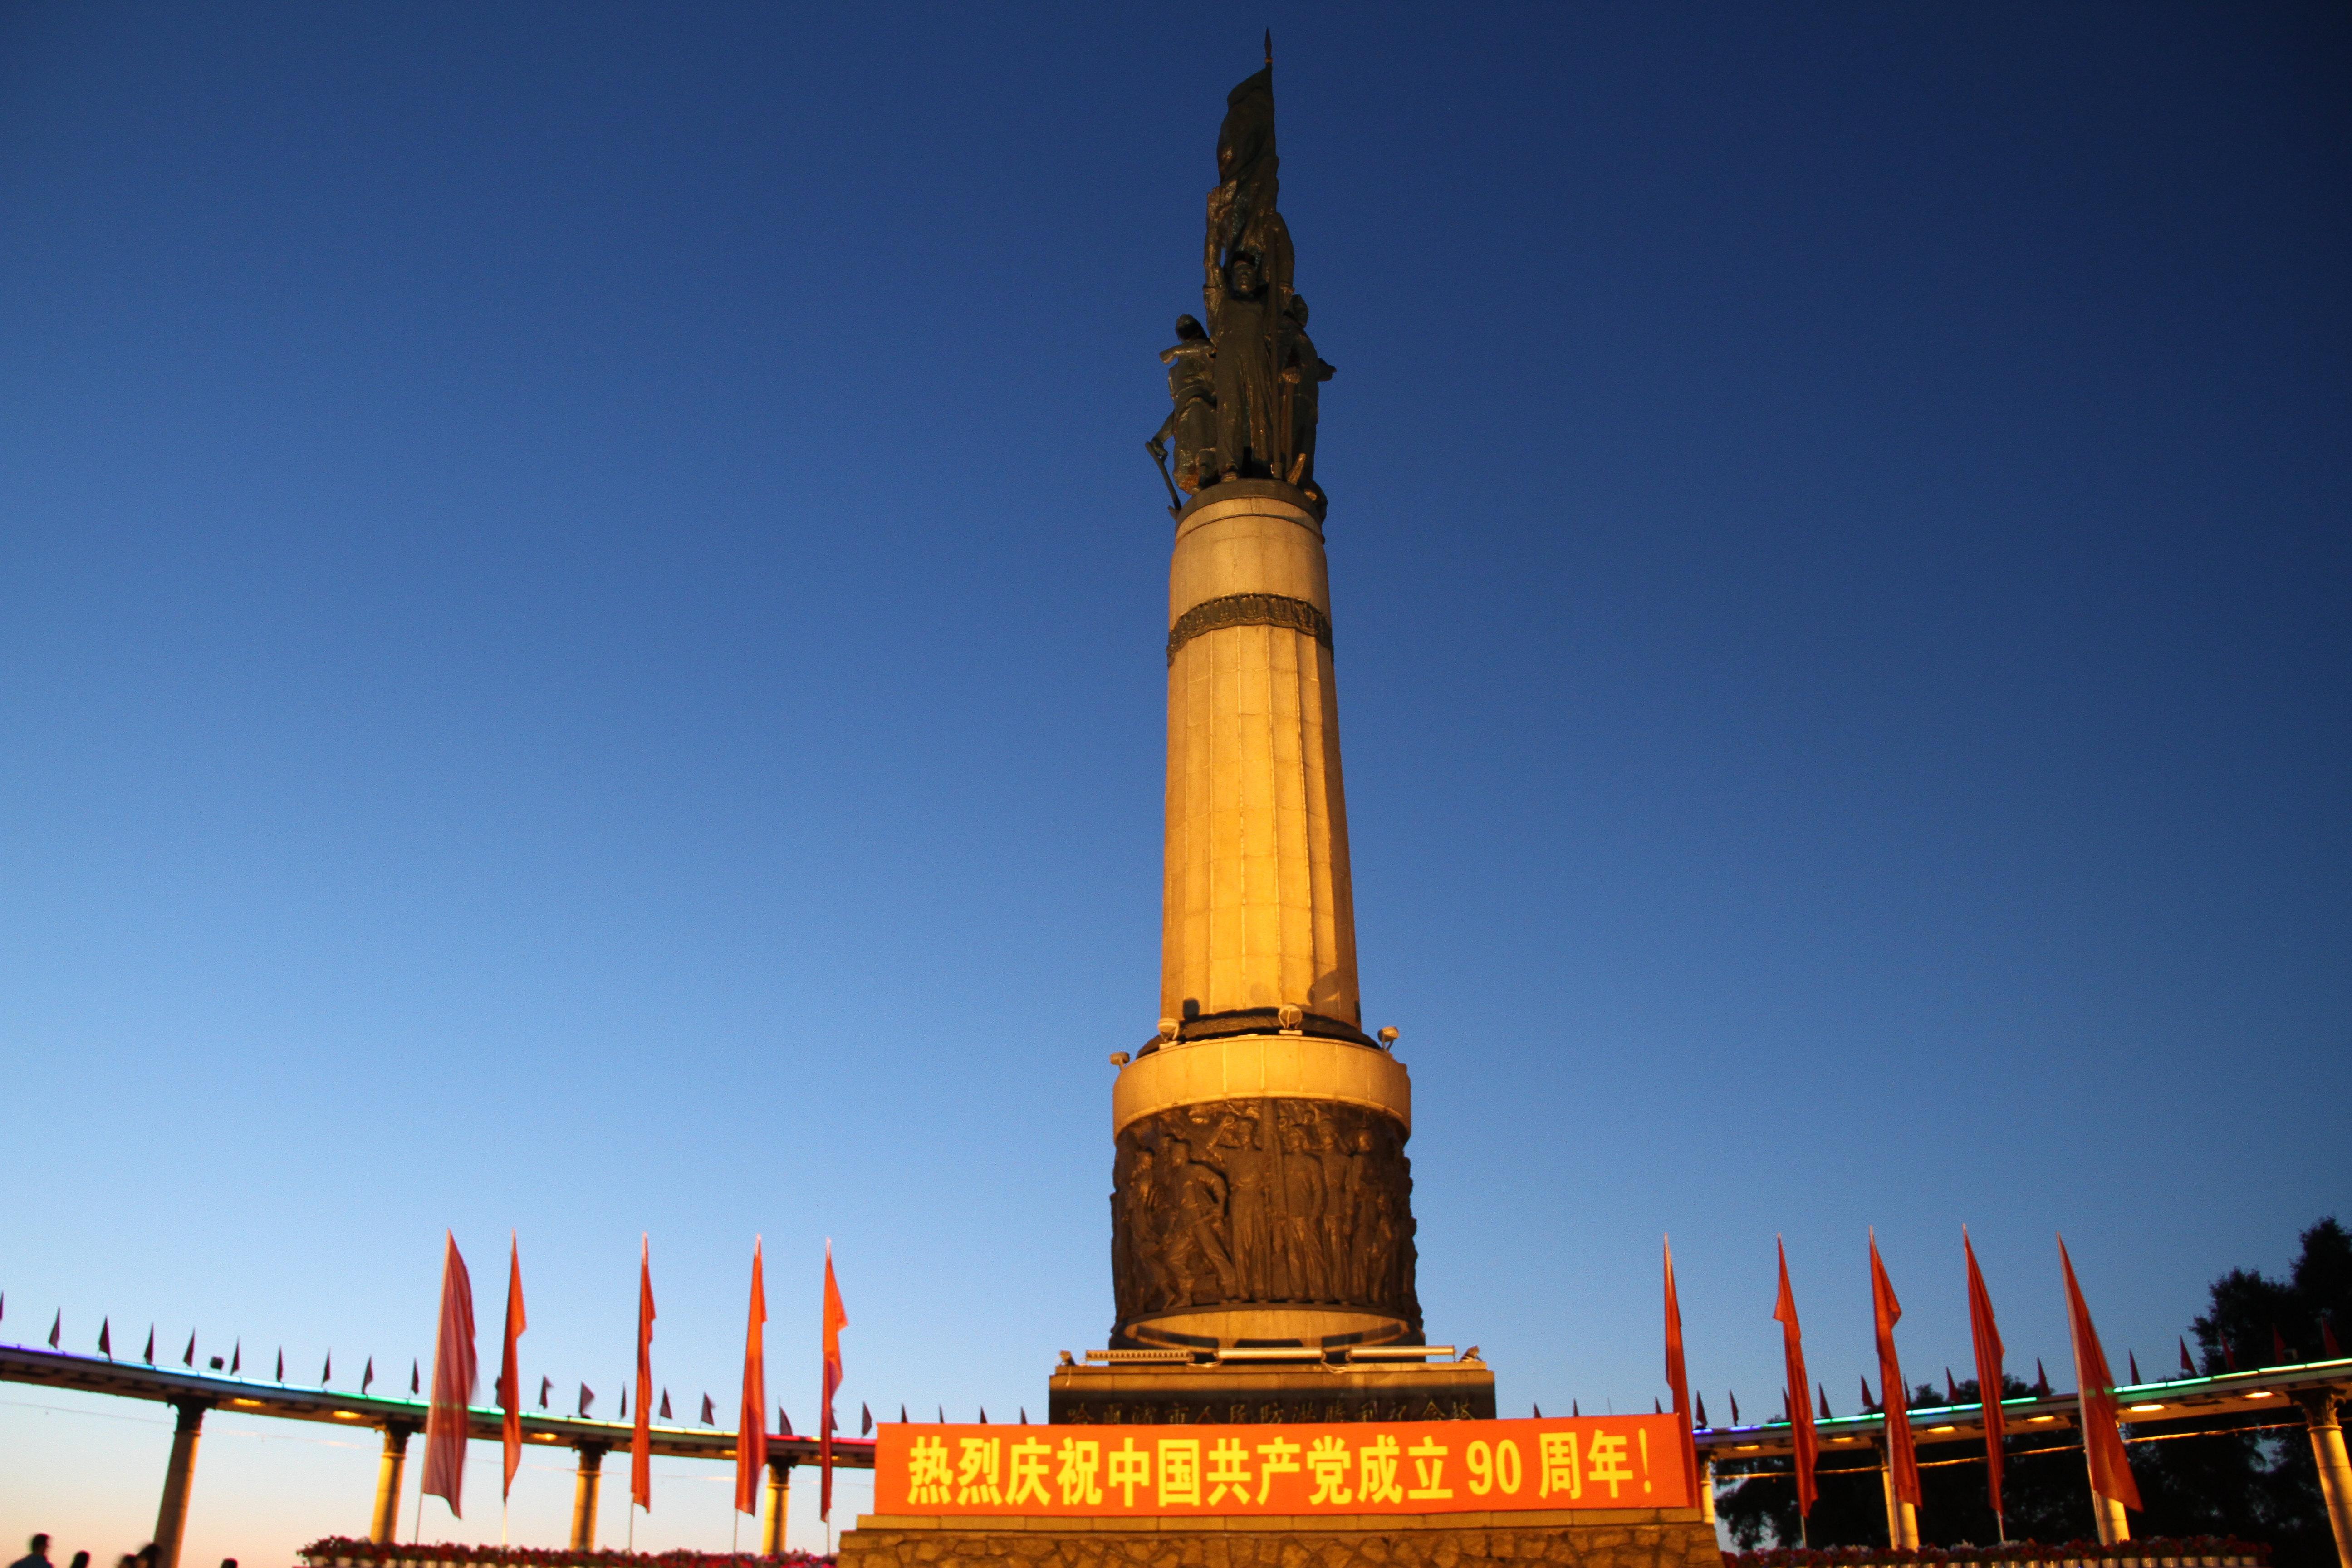 】黑龙江哈尔滨防洪纪念塔好玩吗-延边红旗村好玩吗 延边安图红旗图片